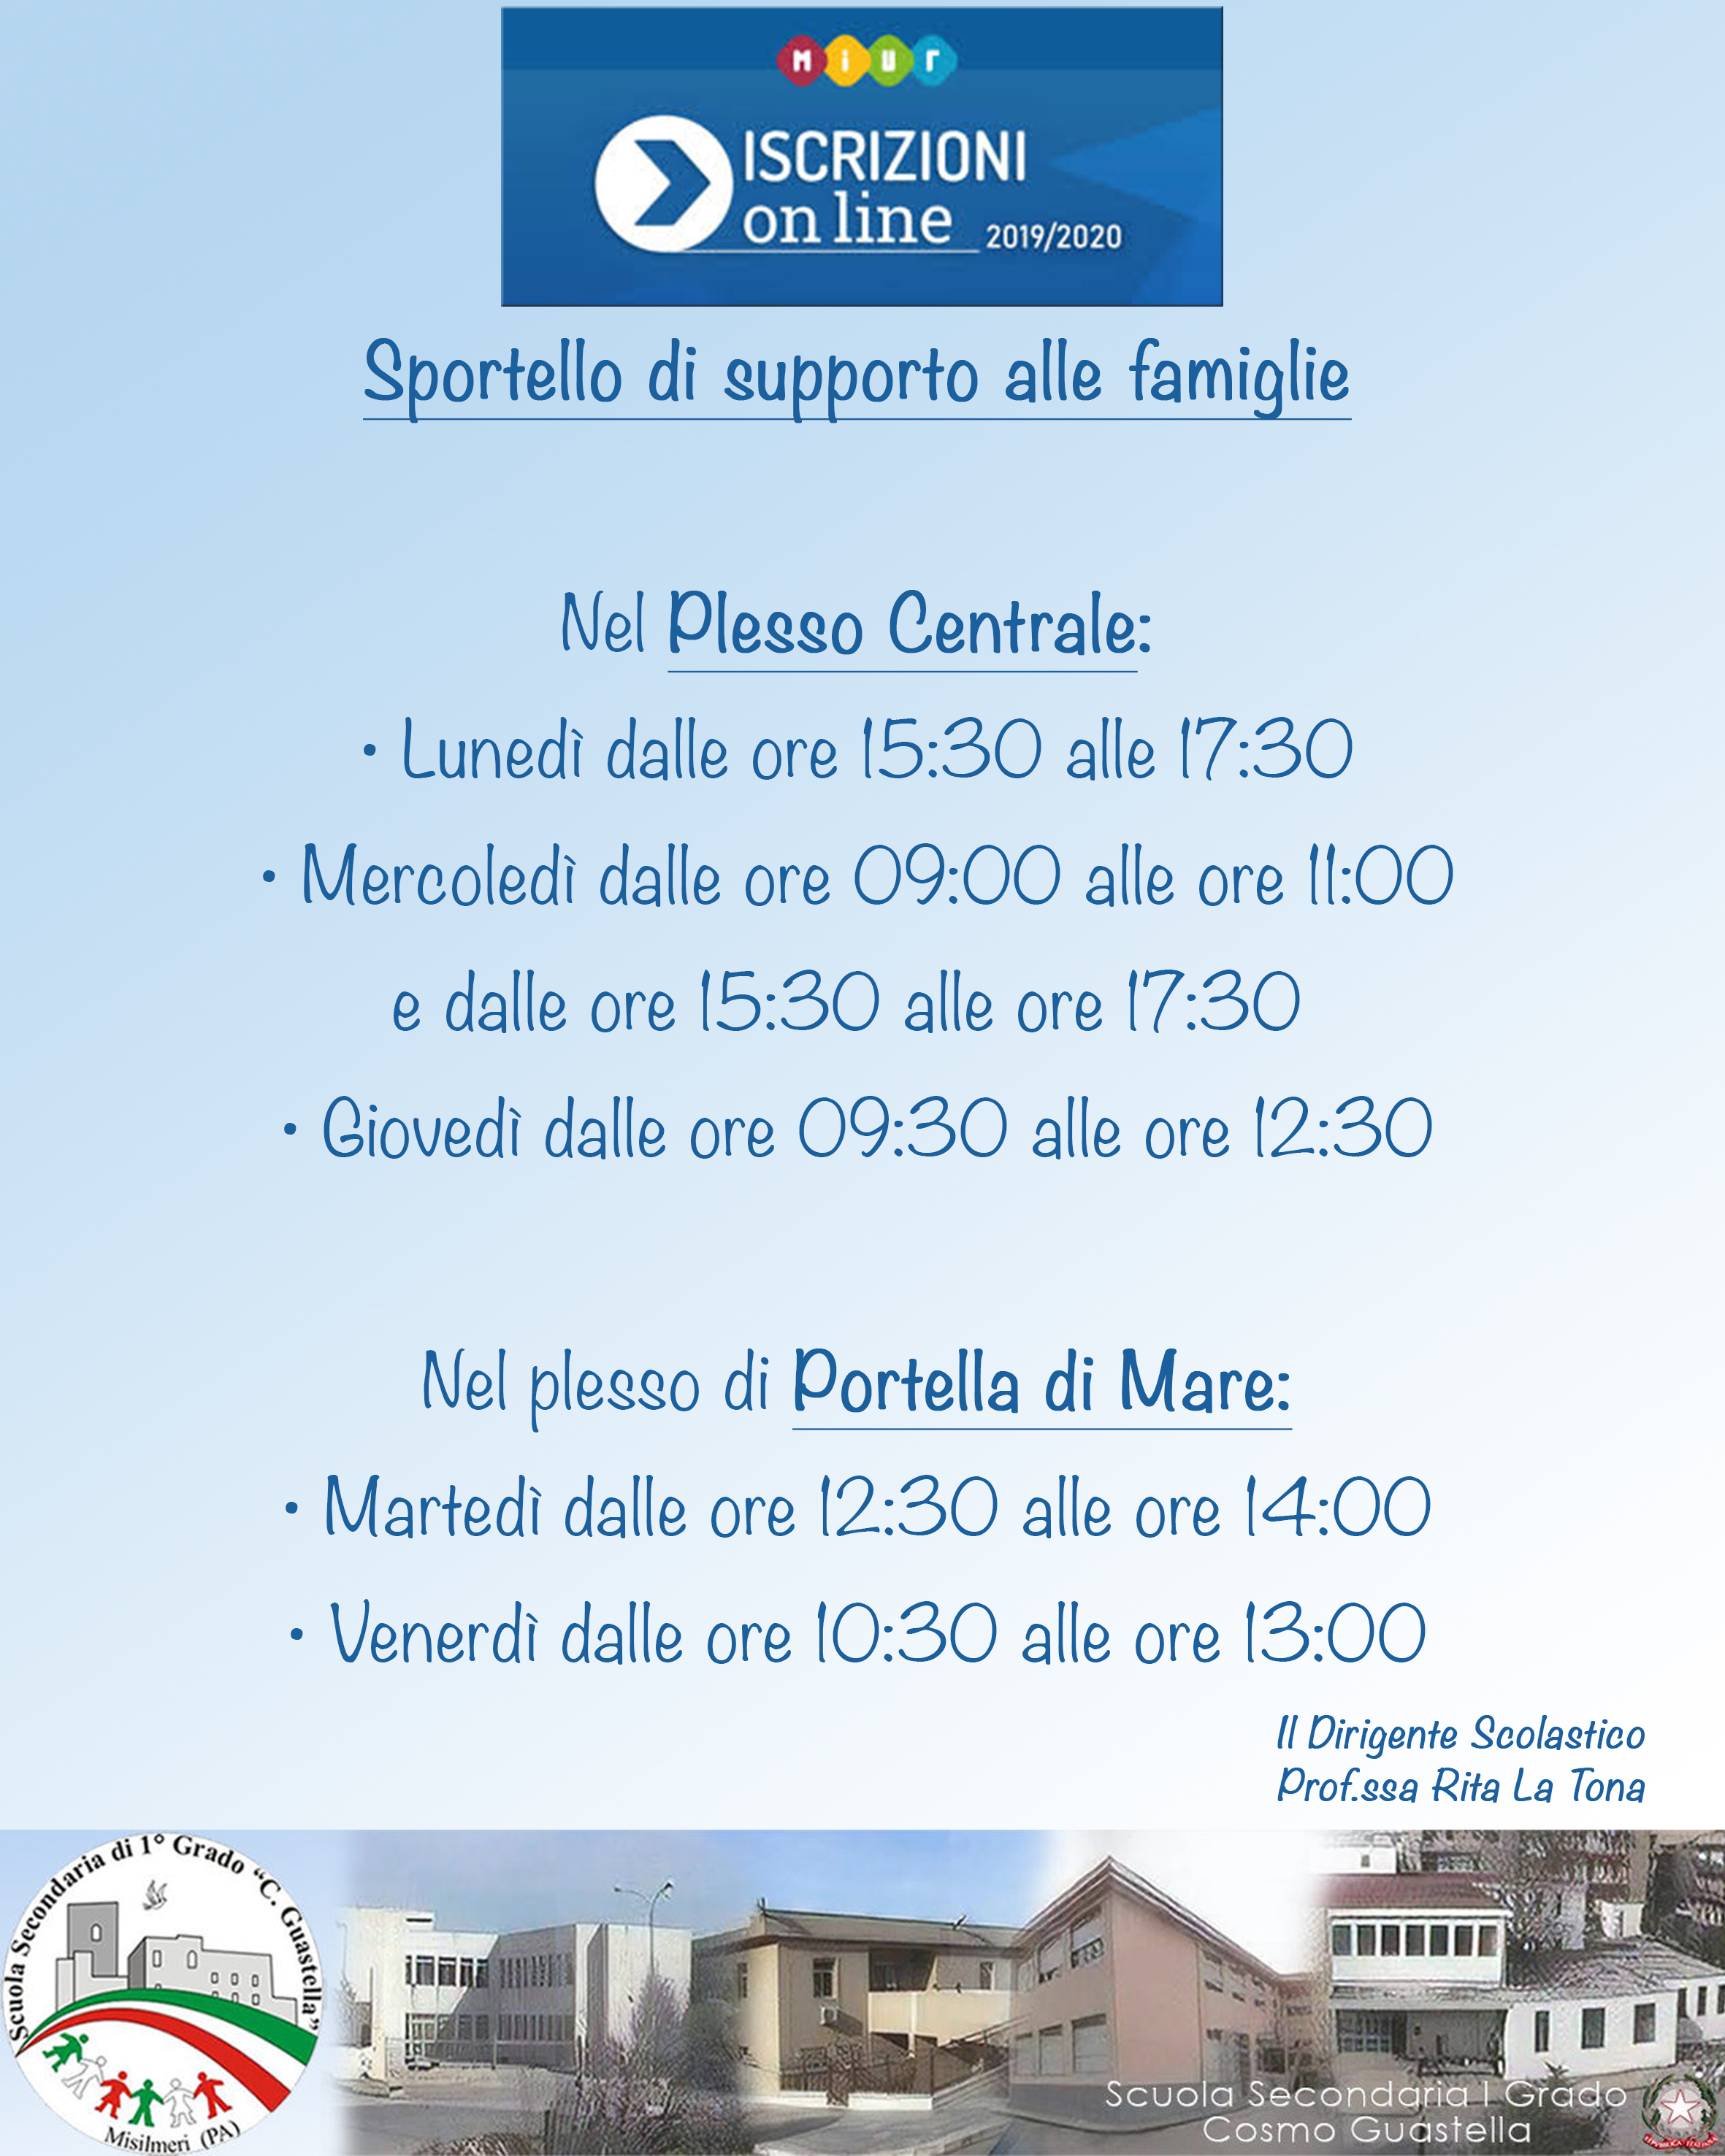 Scuola C. Guastella attivato lo sportello di supporto alle famiglie per le iscrizioni on line a.s.2019/2020